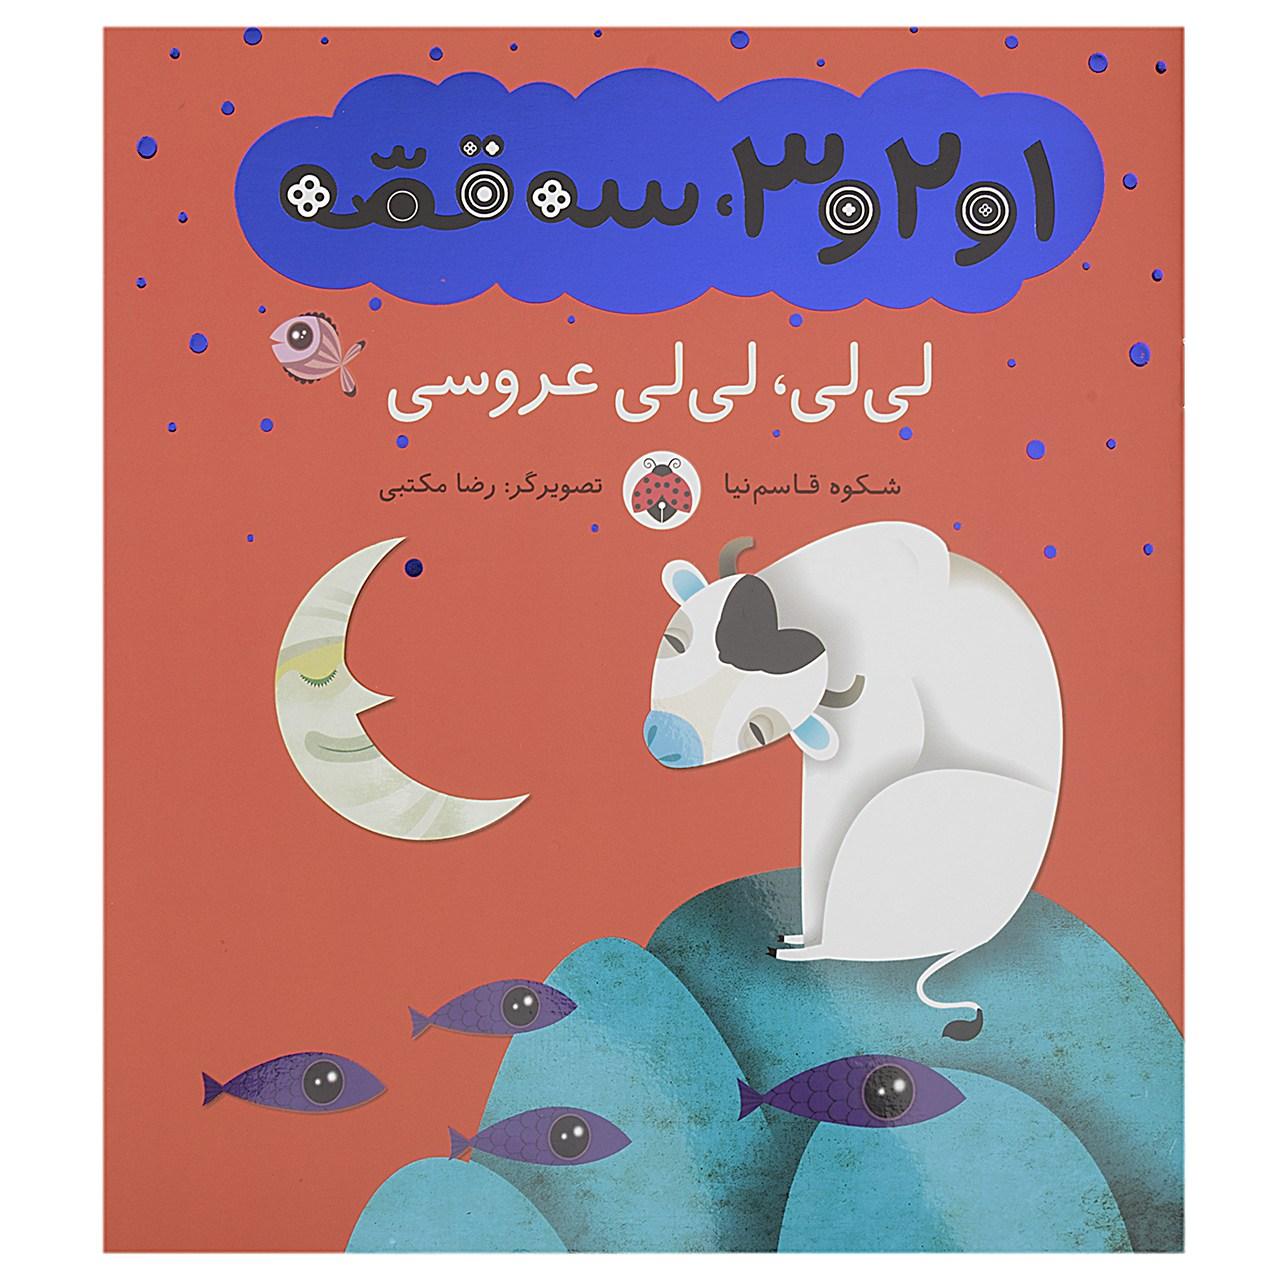 کتاب 1و2و3 سه قصه لی لی، لی لی عروسی اثر شکوه قاسم نیا